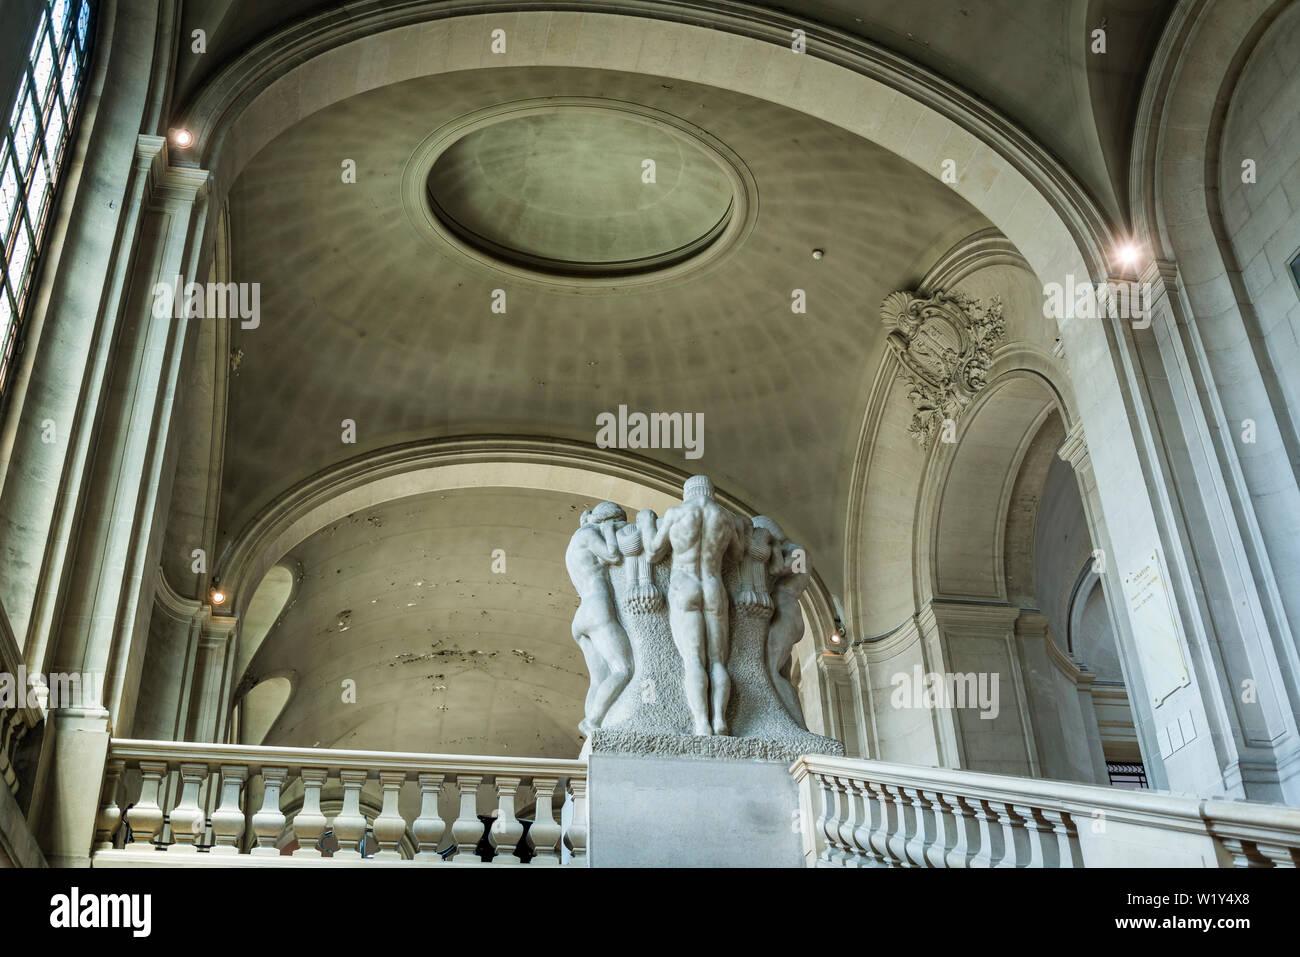 Interior con grupo escultura en la escalera, museo de arte e historia, el museo más grande de la ciudad, Ginebra, Suiza. Foto de stock